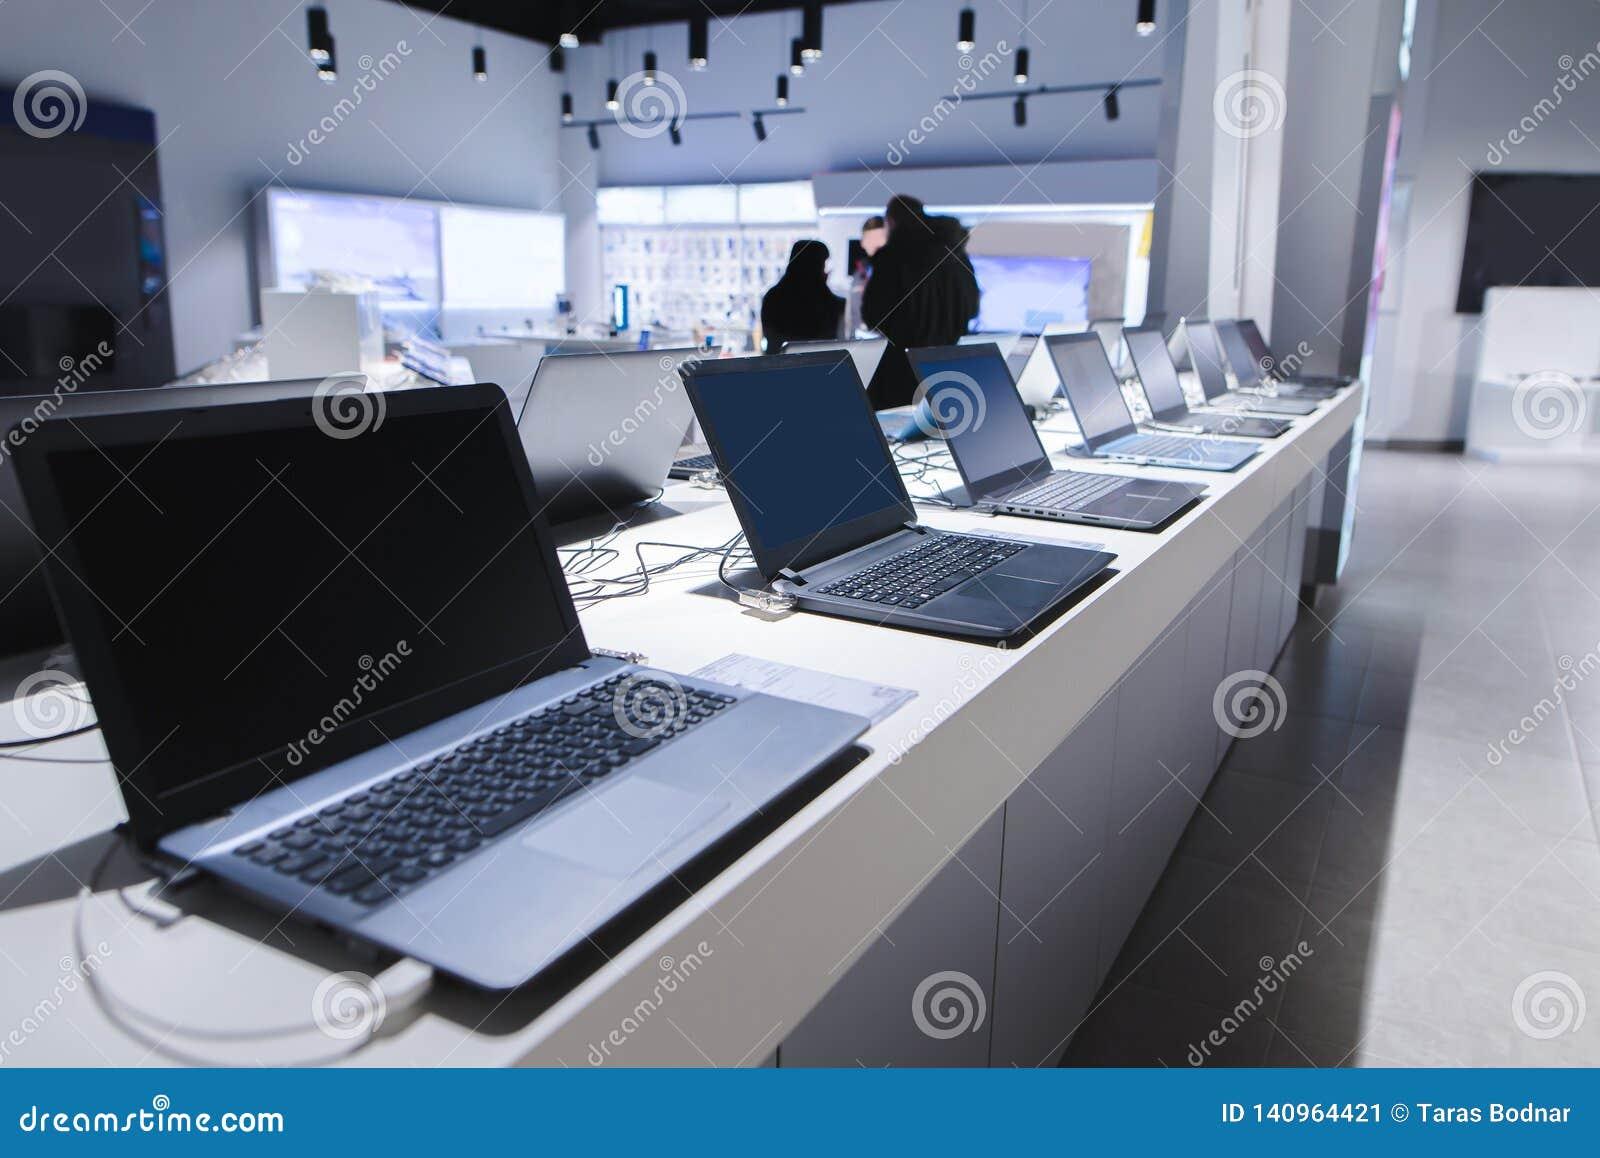 Ноутбуки в современном магазине технологии Отдел компьютеров в магазине электроники ноутбук в магазине